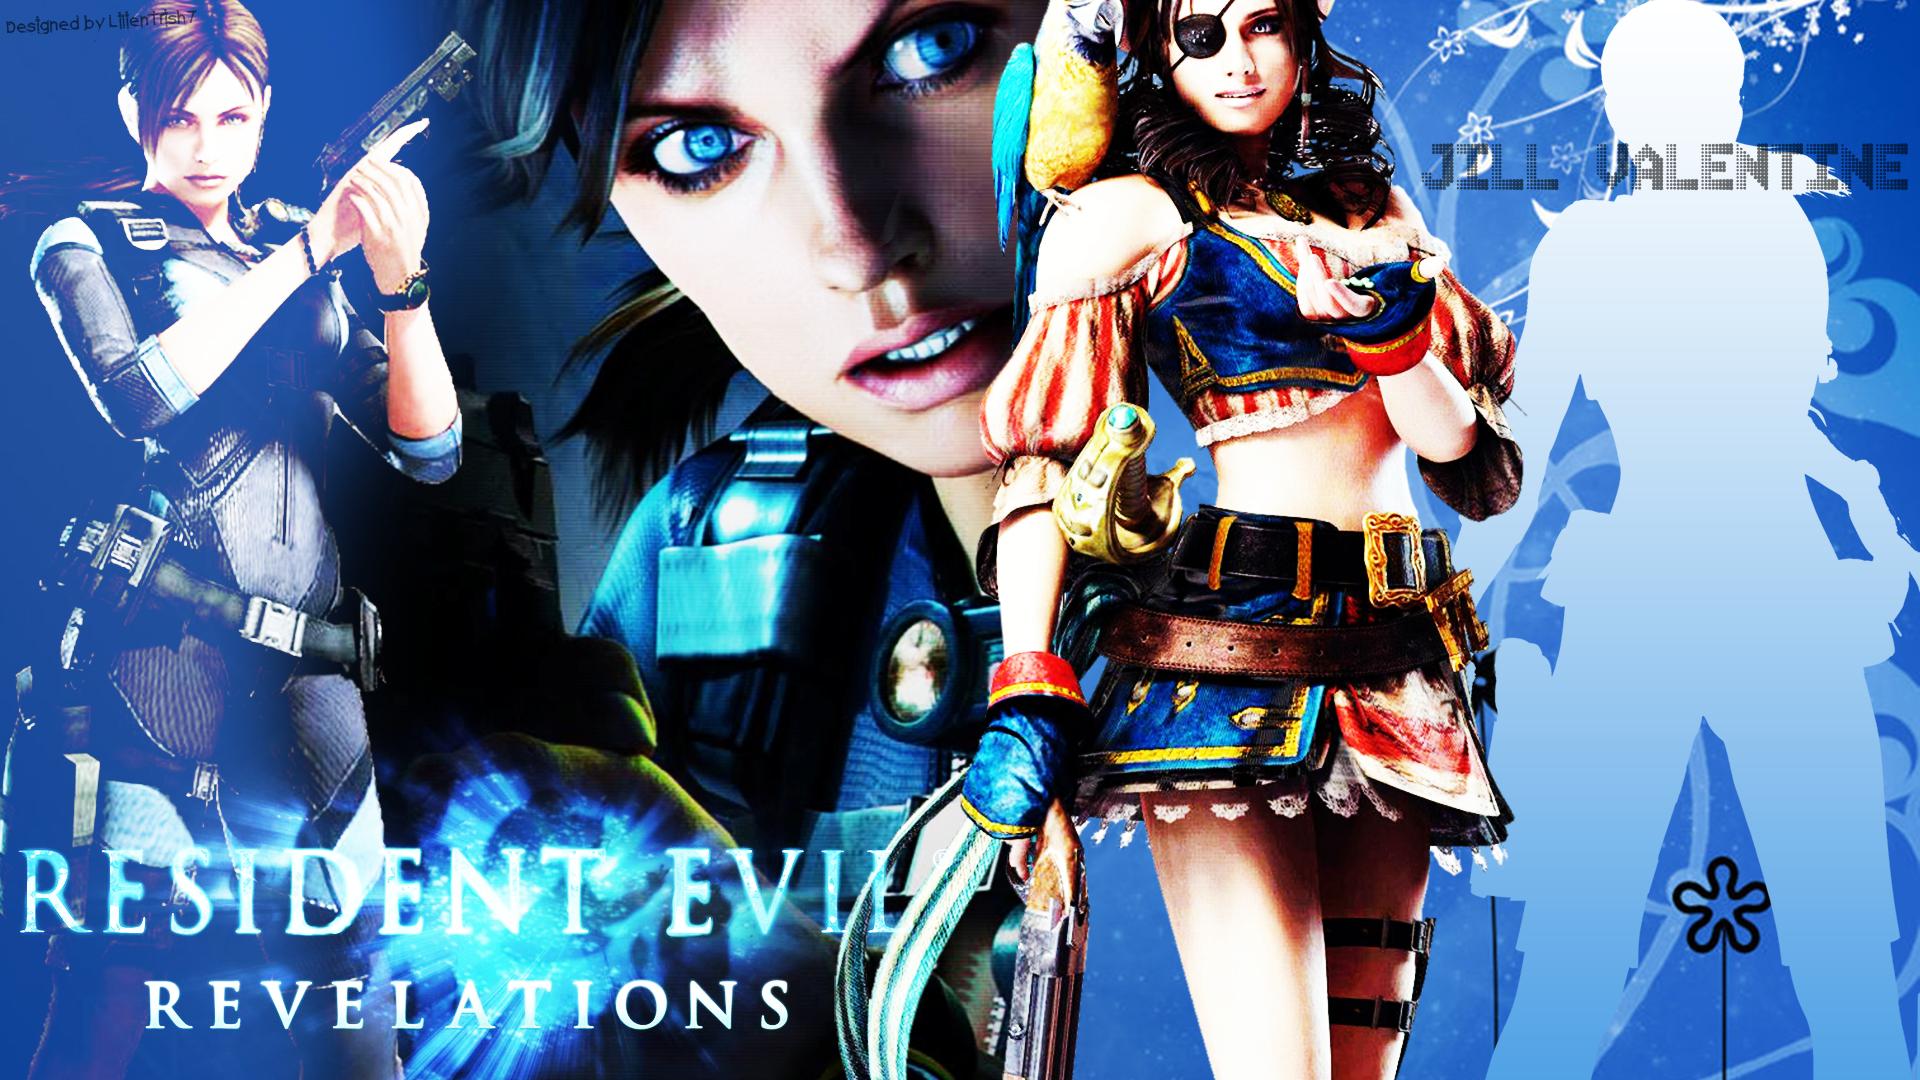 Resident evil revelations jill and chris